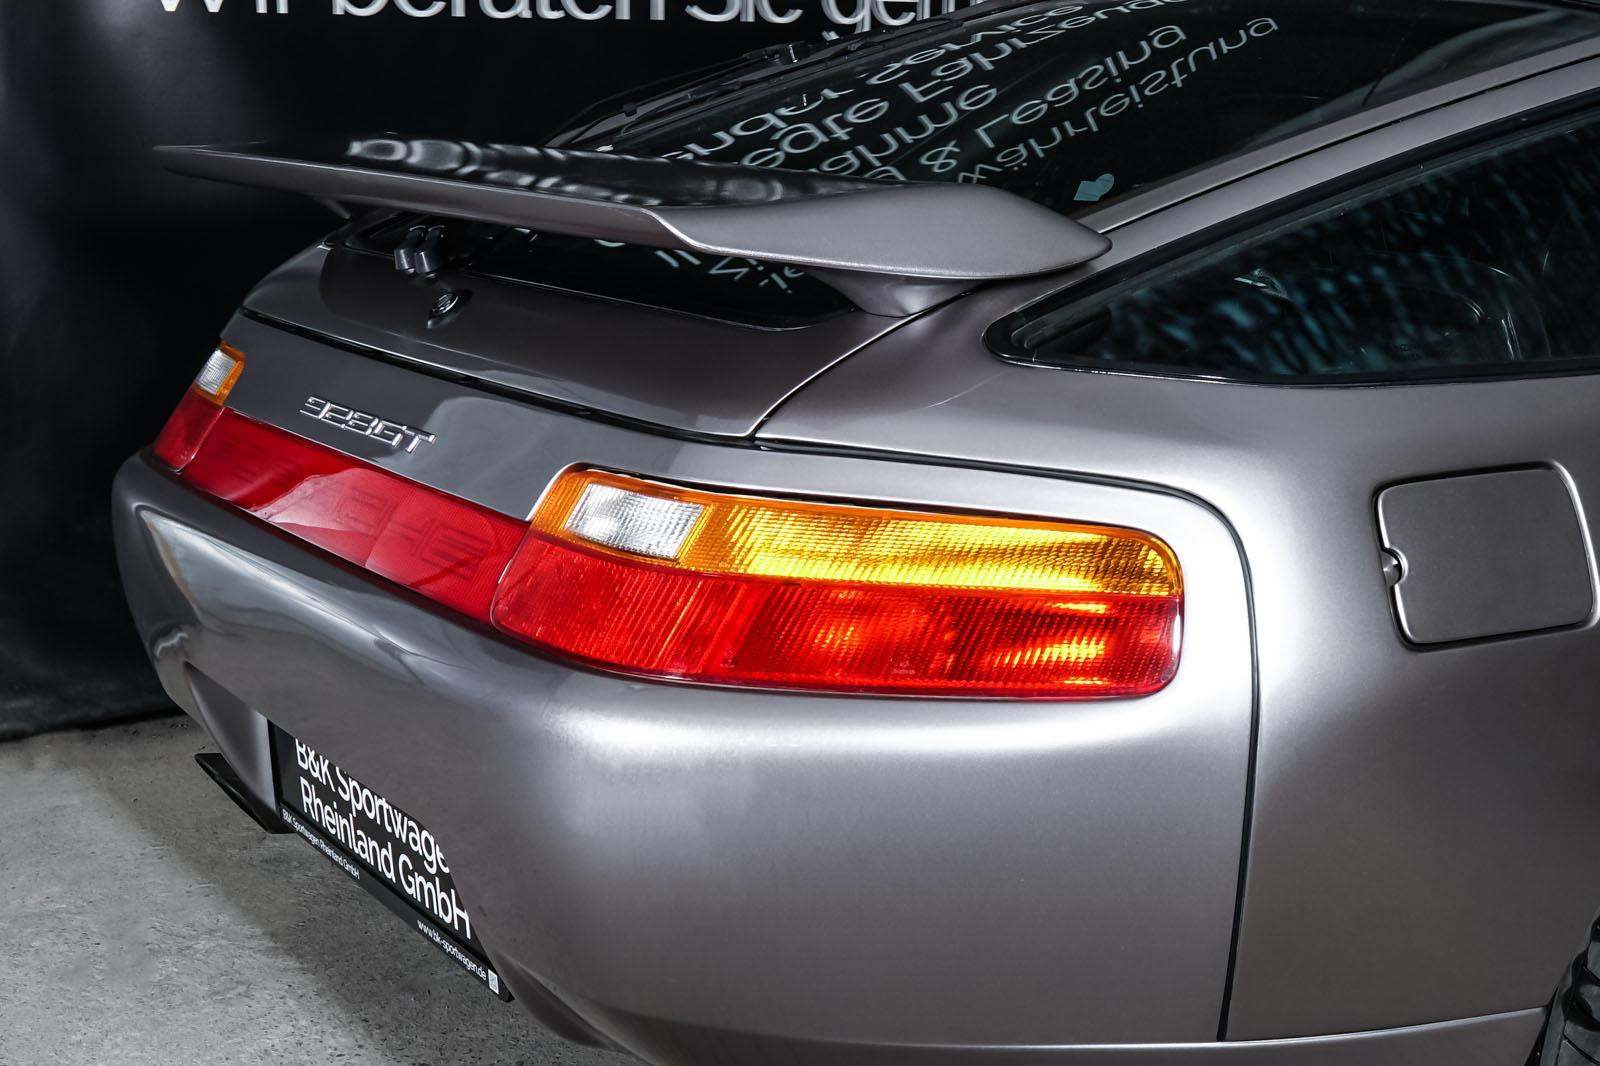 Porsche_928_Grey_Black_POR-0325_18_w